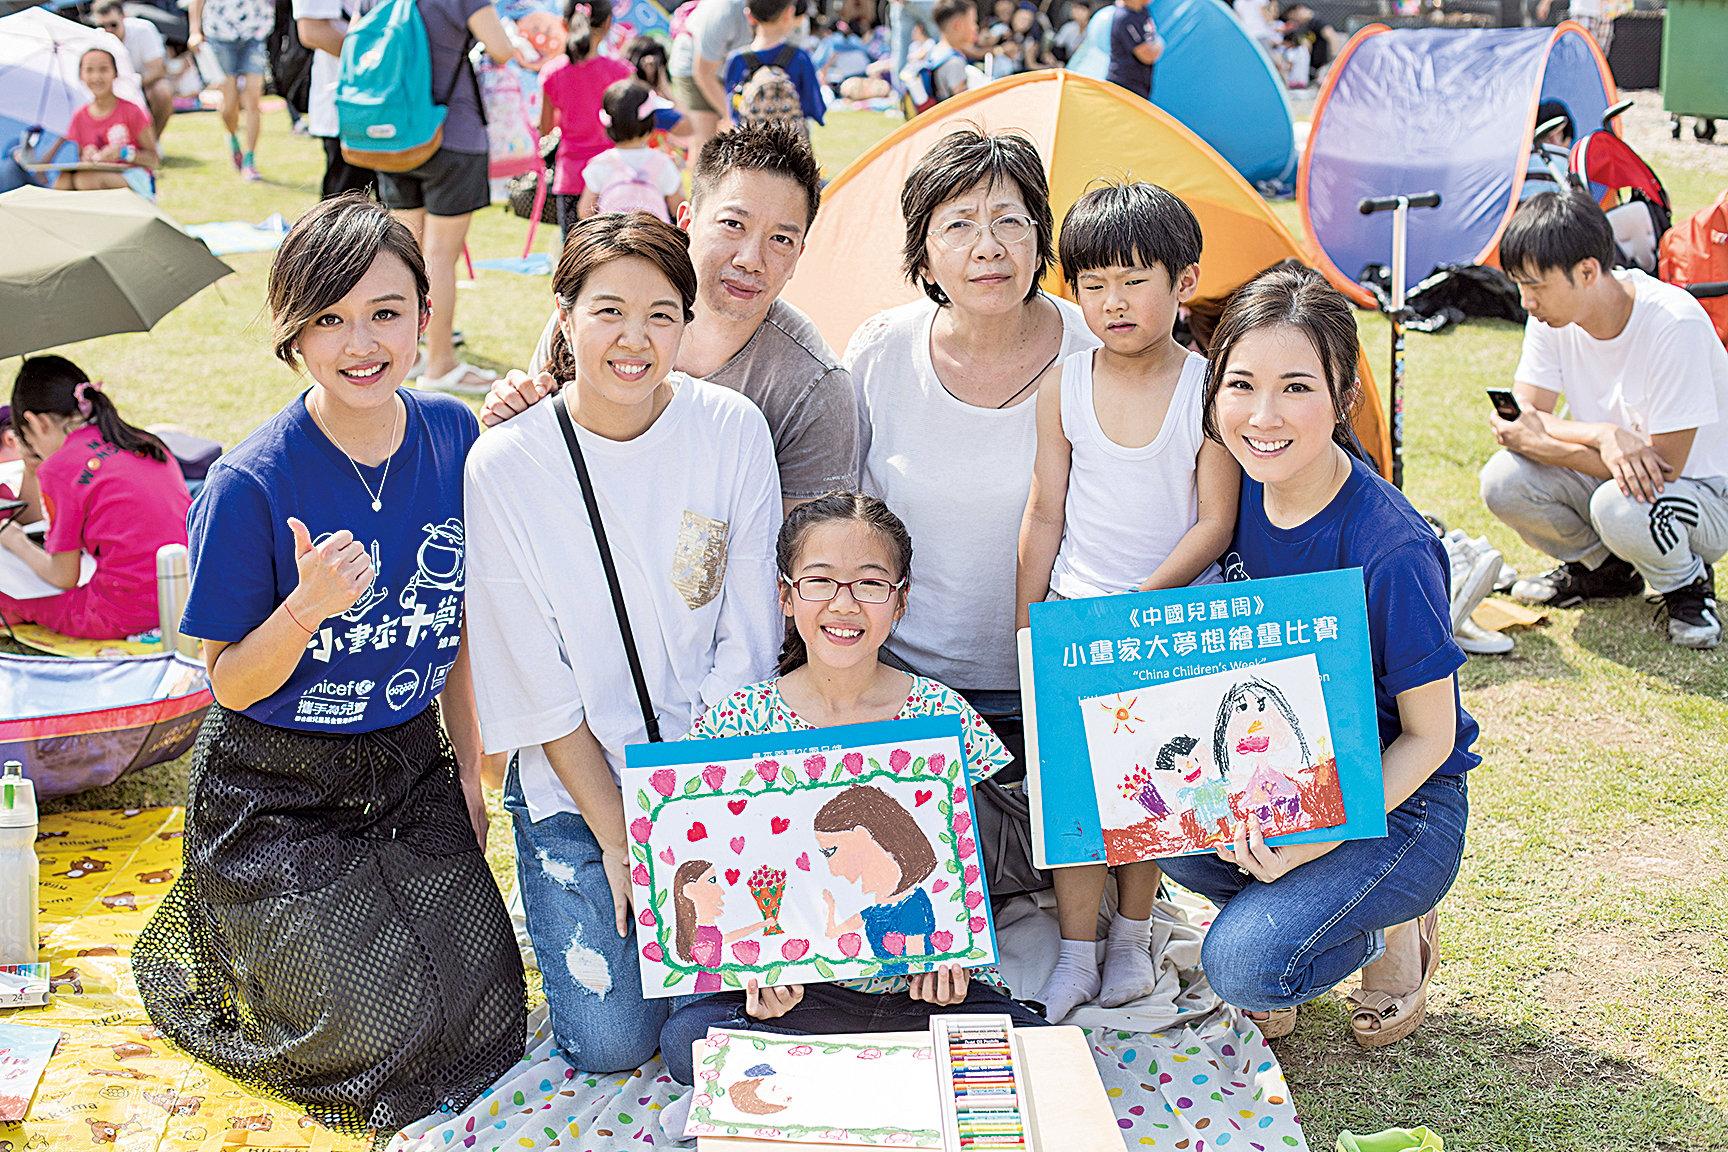 劉倩婷(Sandy)(右一)同陳明憙(左一)出席UNICEF HK親子繪畫慈善比賽活動,為小畫家打氣。(UNICEF HK提供)